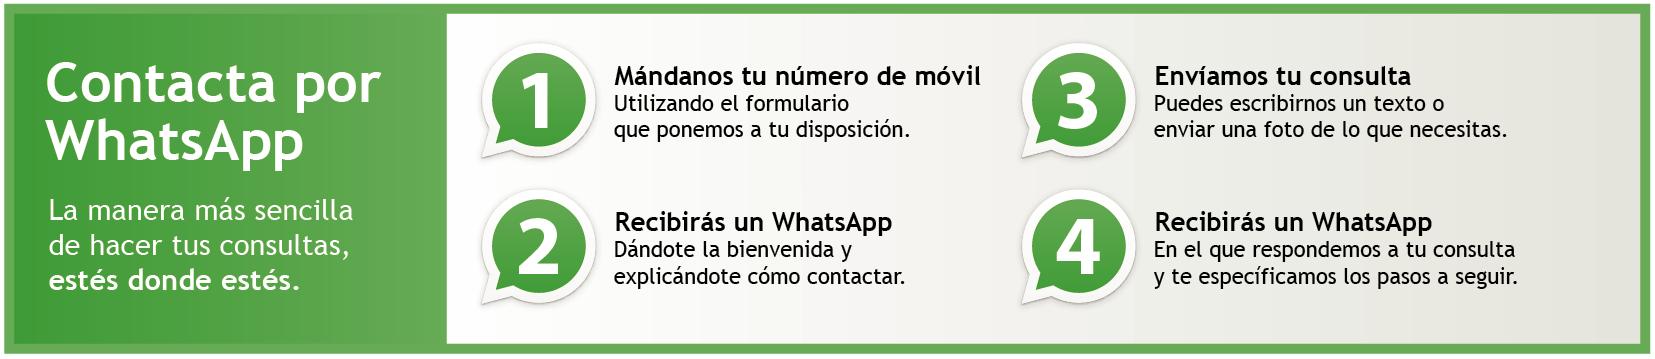 whatsapp farmacia guimera